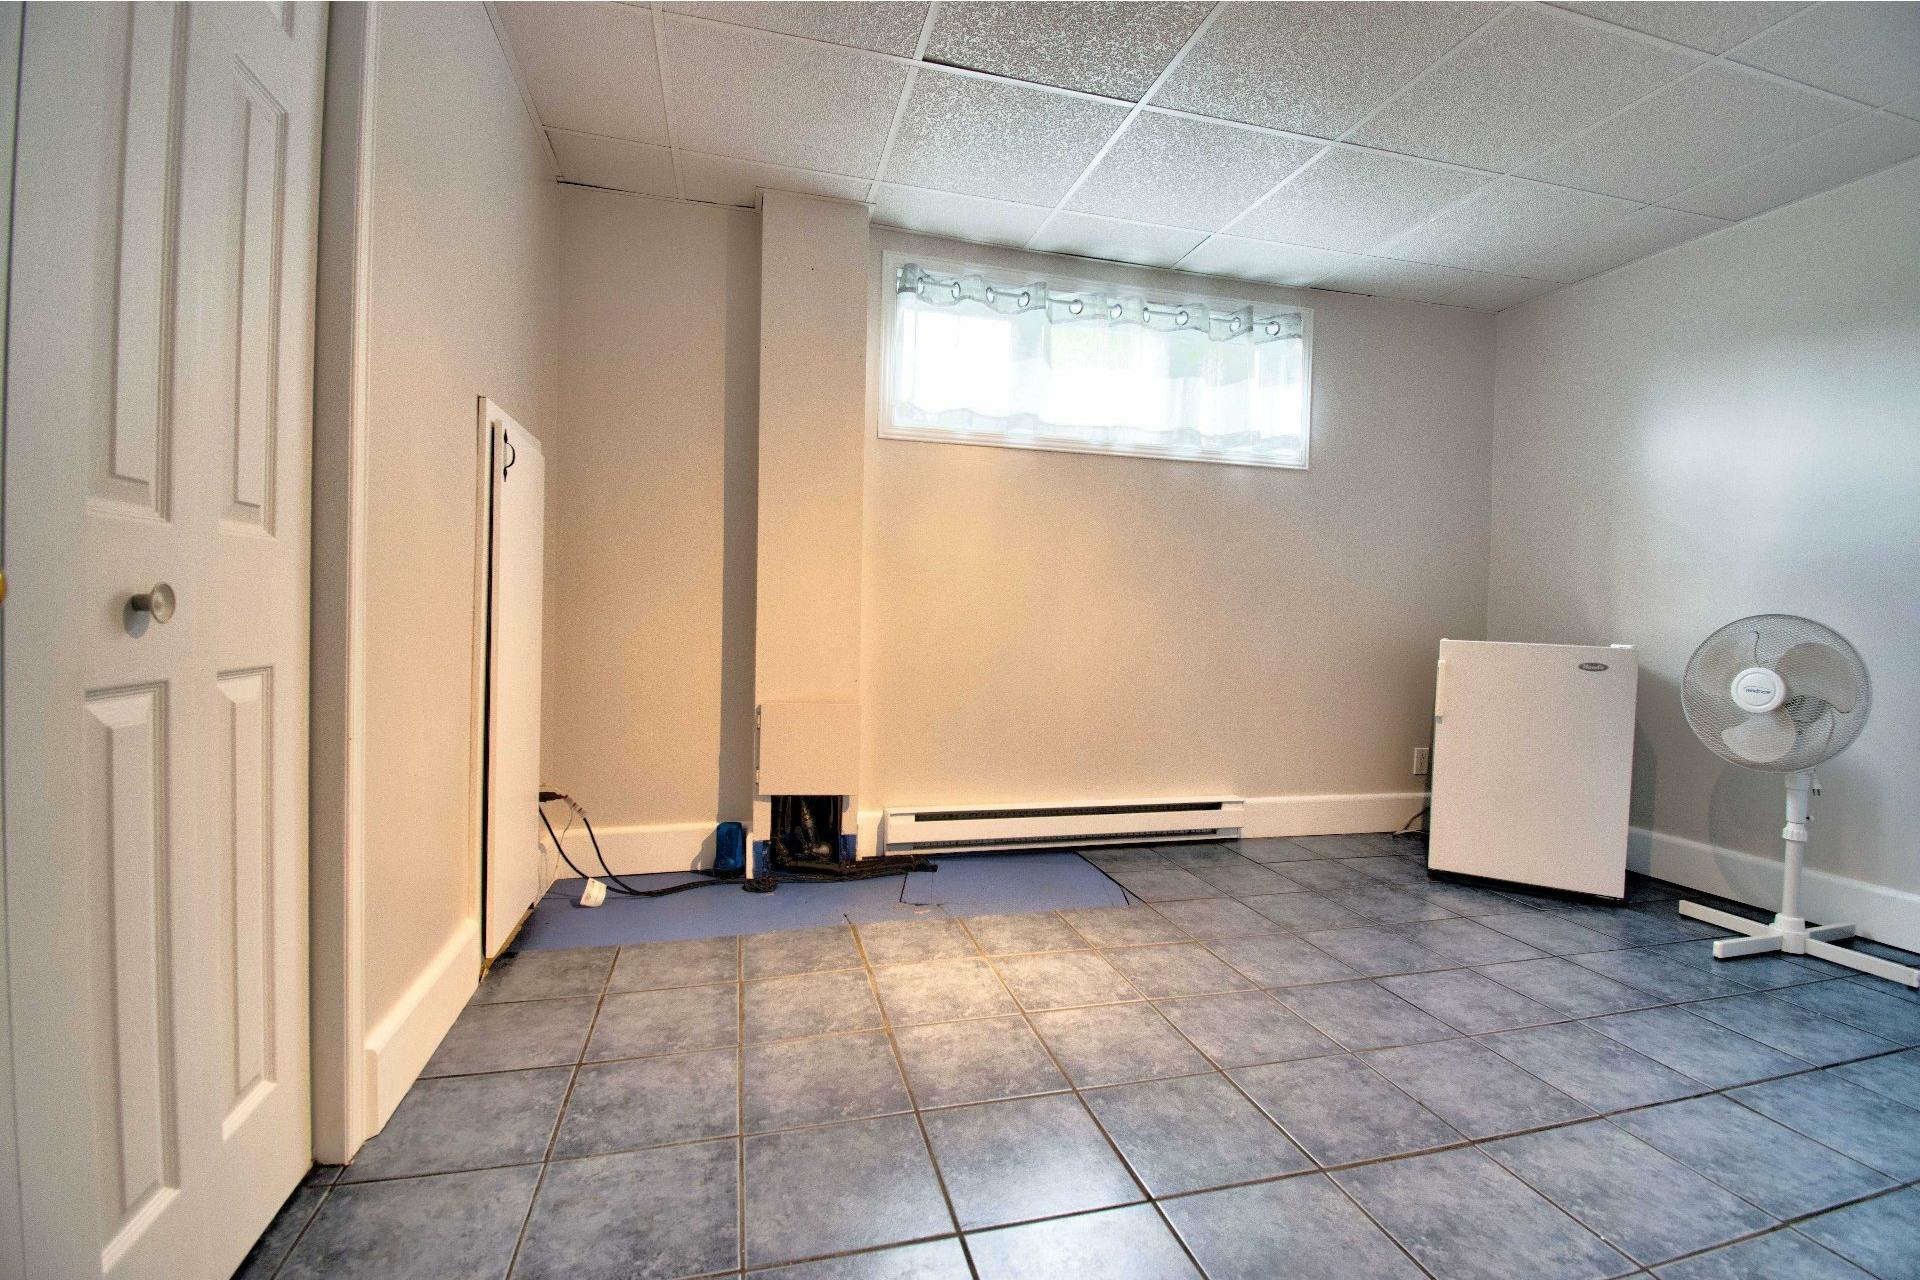 image 18 - Maison À vendre Trois-Rivières - 11 pièces